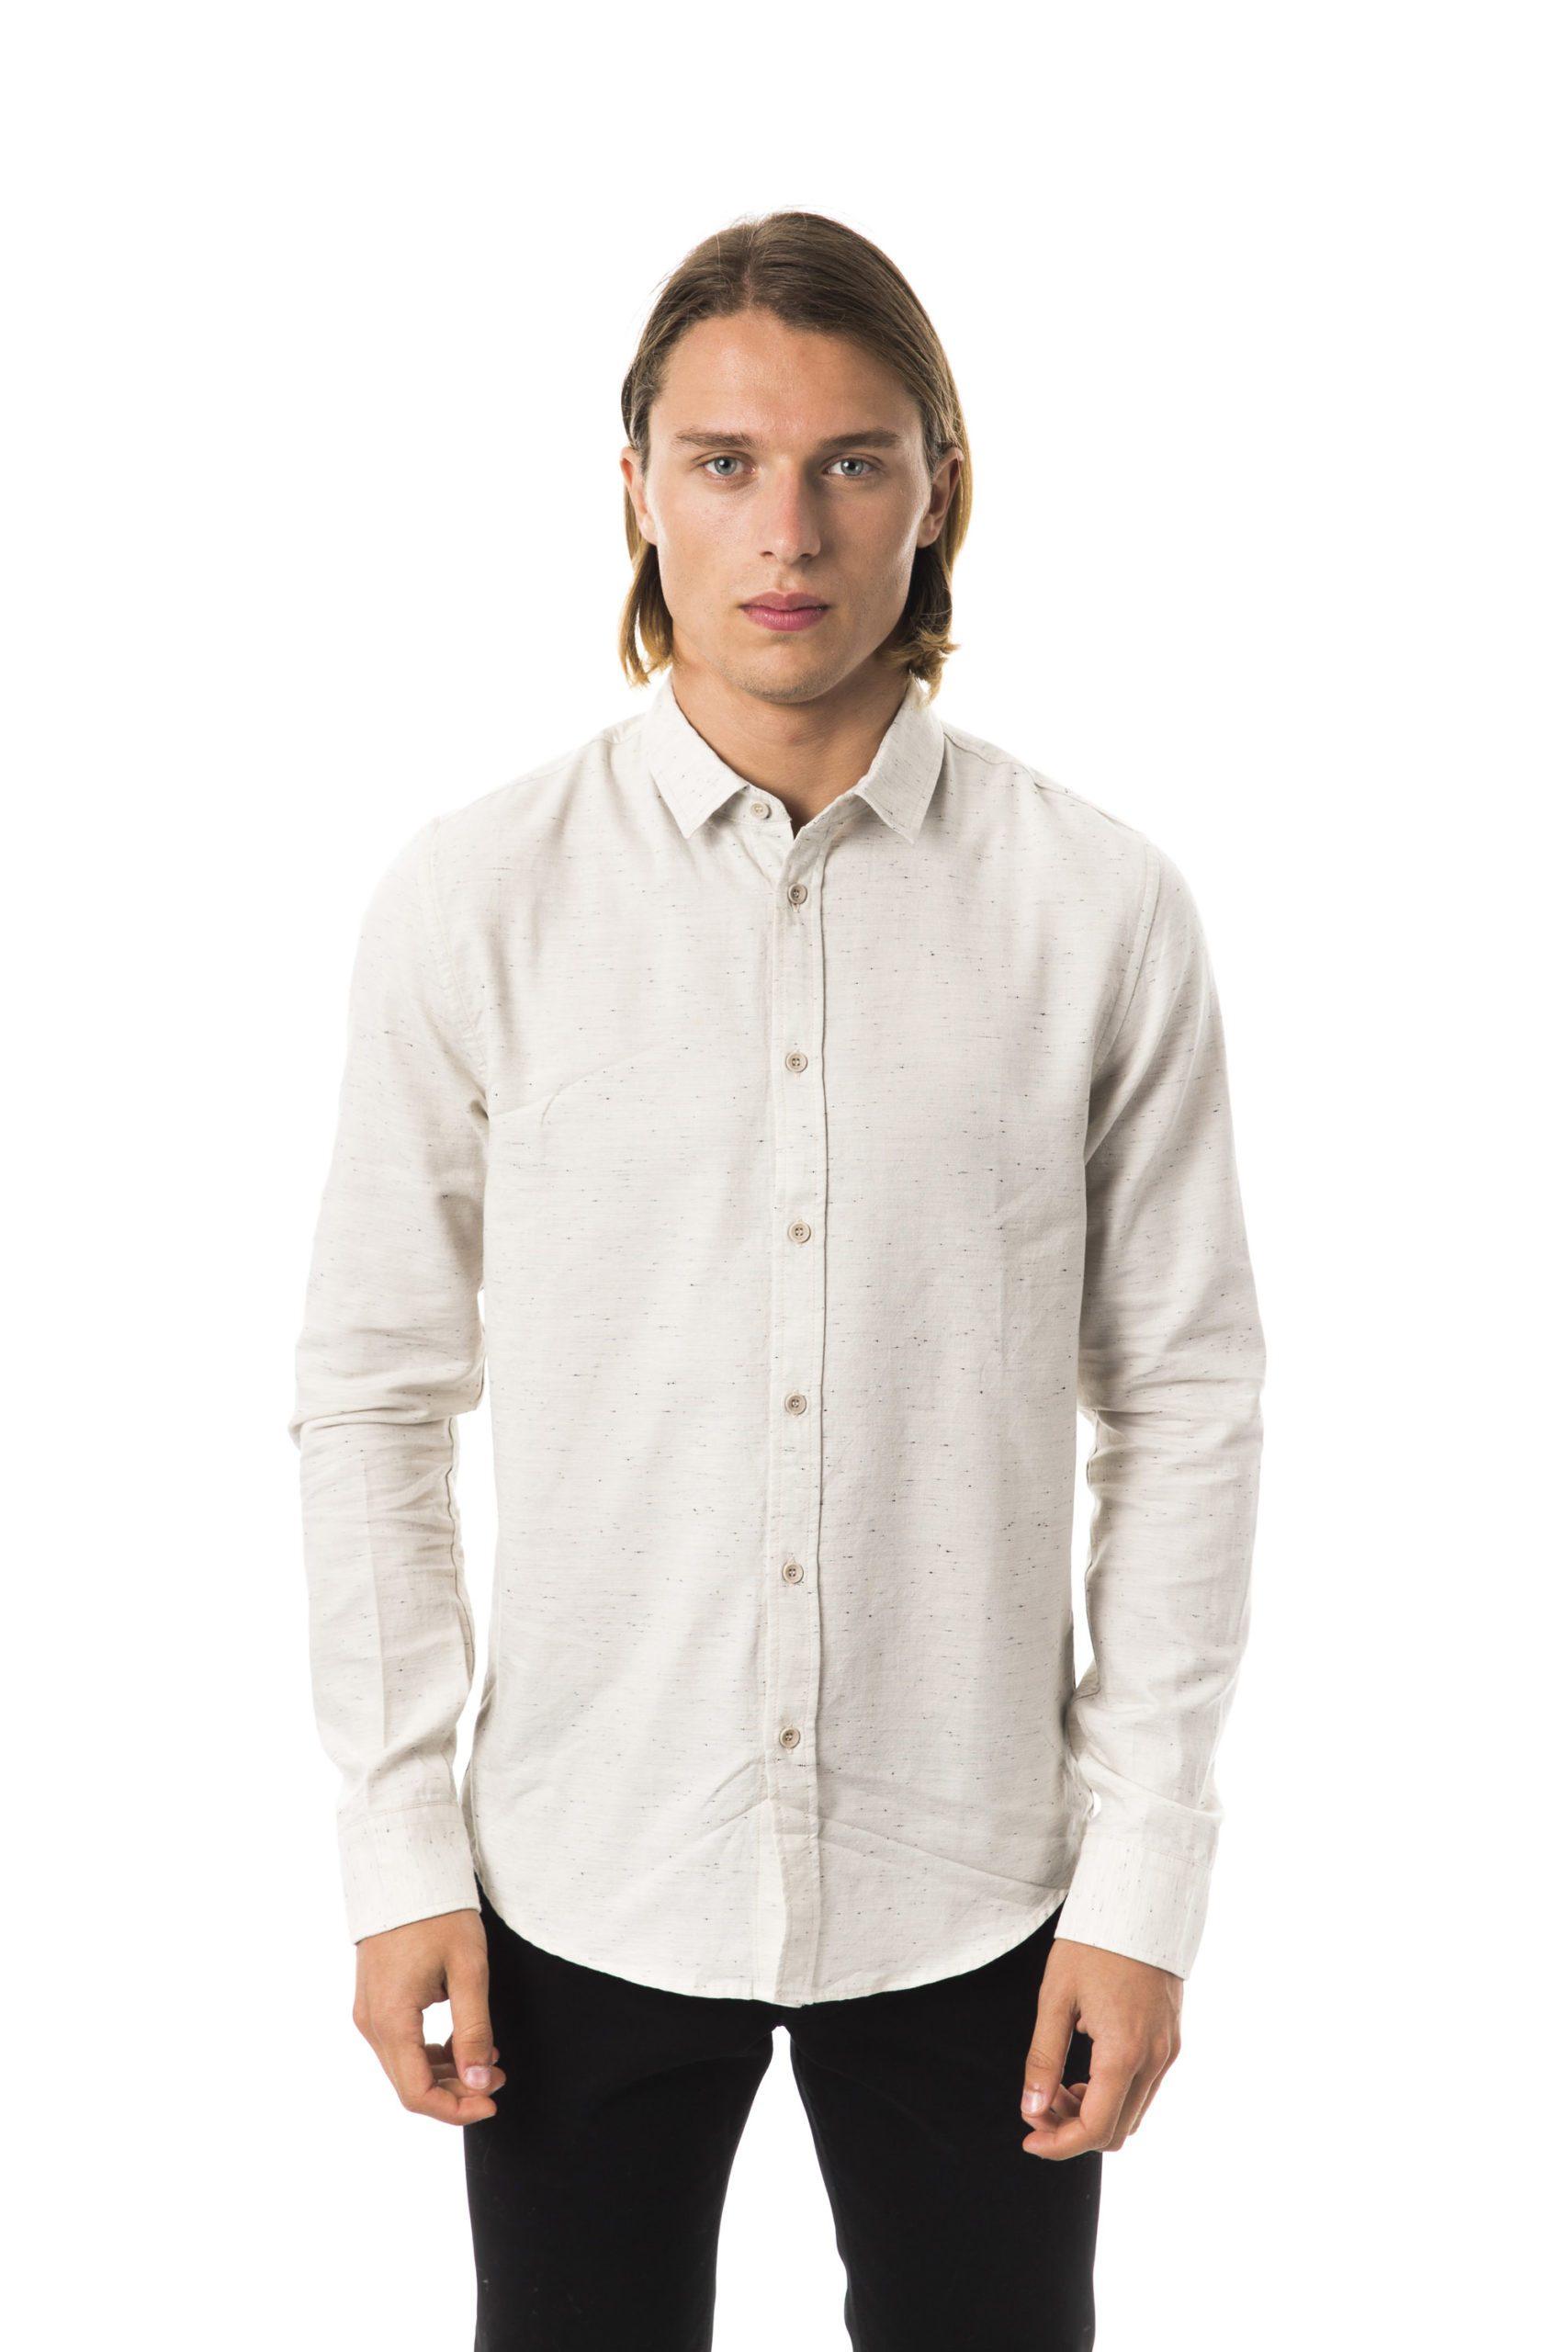 BYBLOS Men's Sandbis Shirt Beige BY1394834 - S